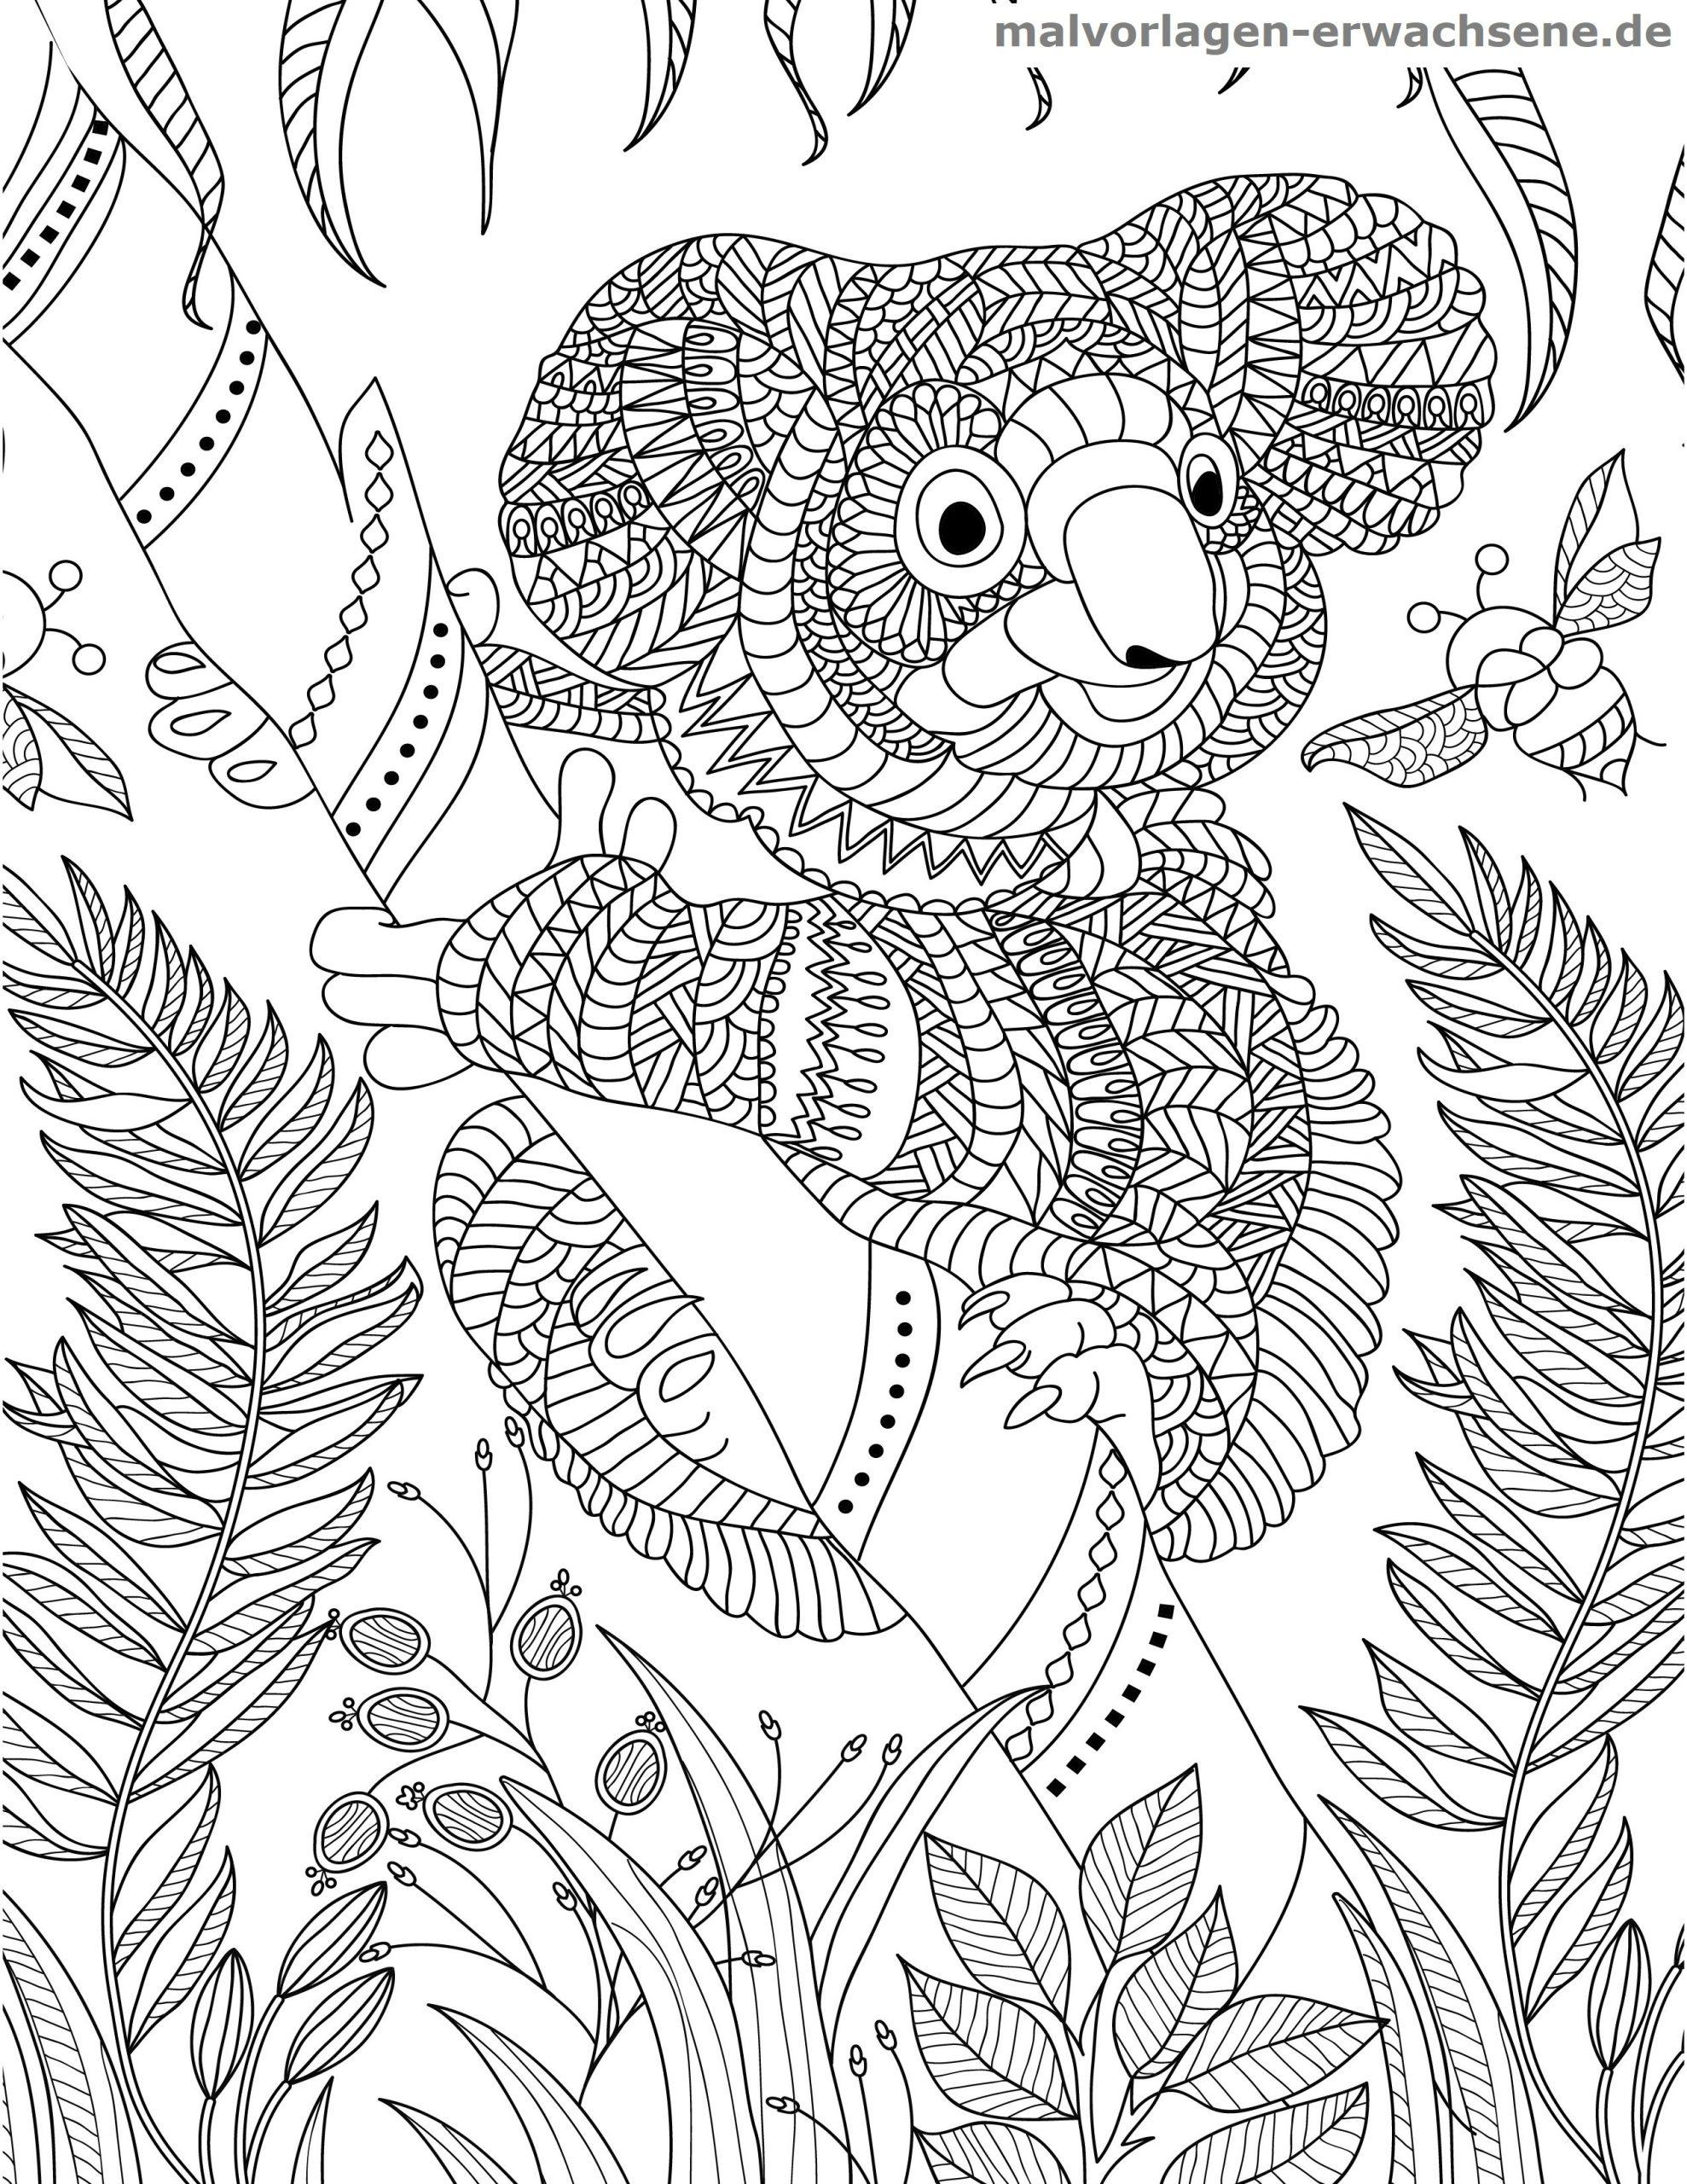 Malvorlage Koala Für Erwachsene - Ausmalbilder Kostenlos verwandt mit Koala Ausmalbild